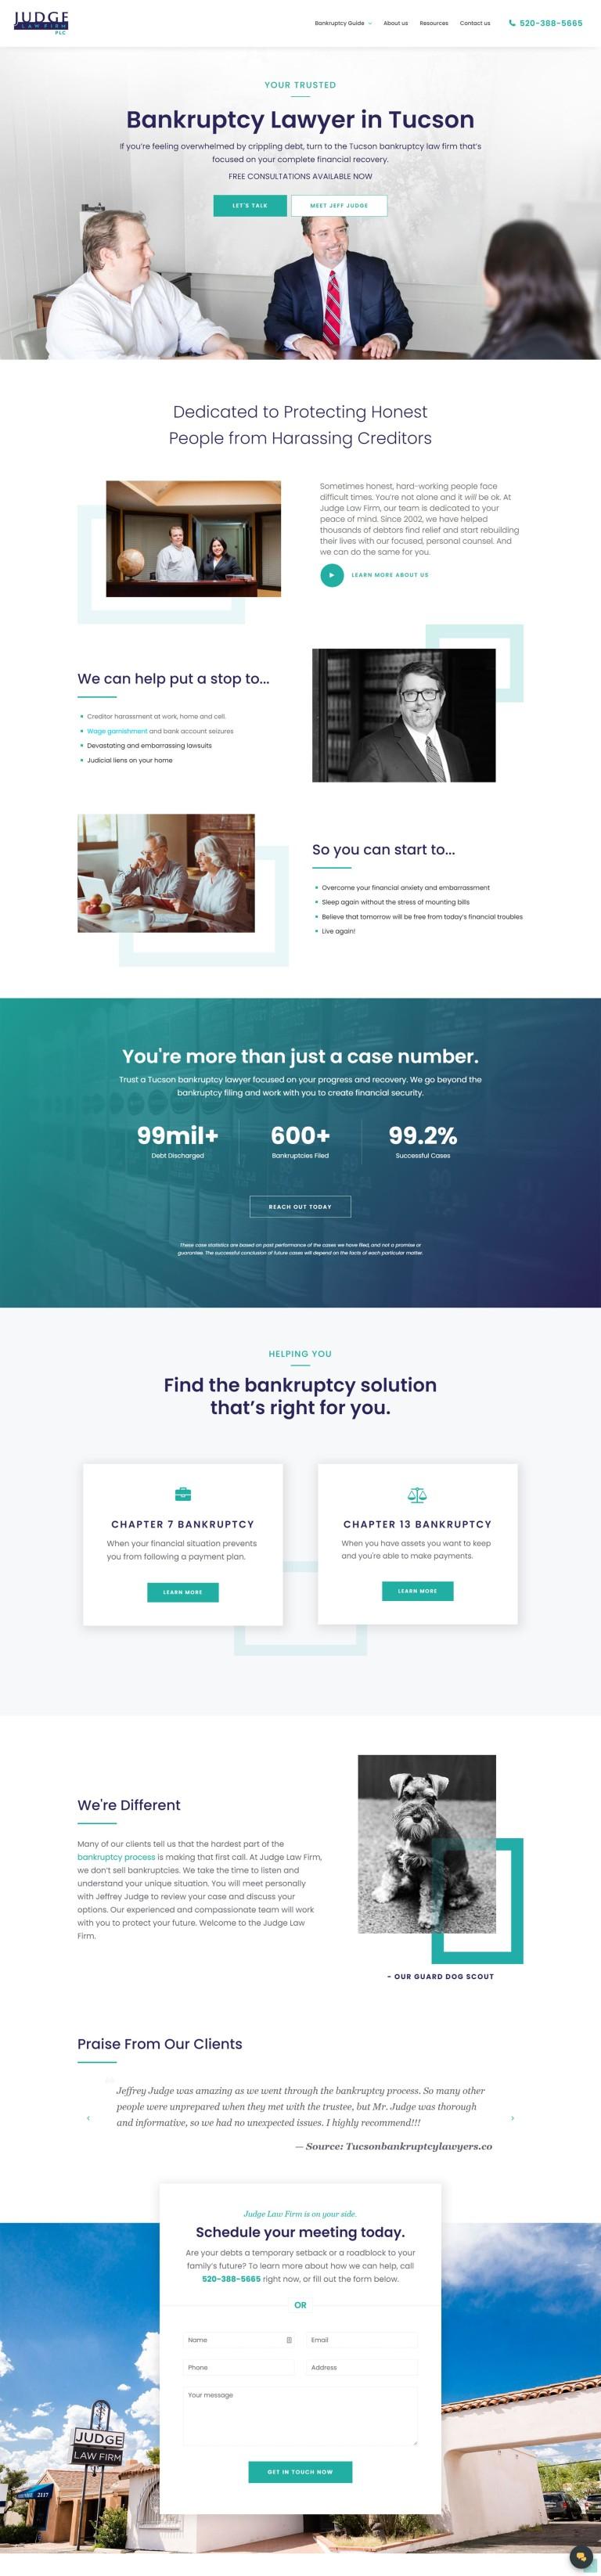 bankruptcylawtucson-1-min